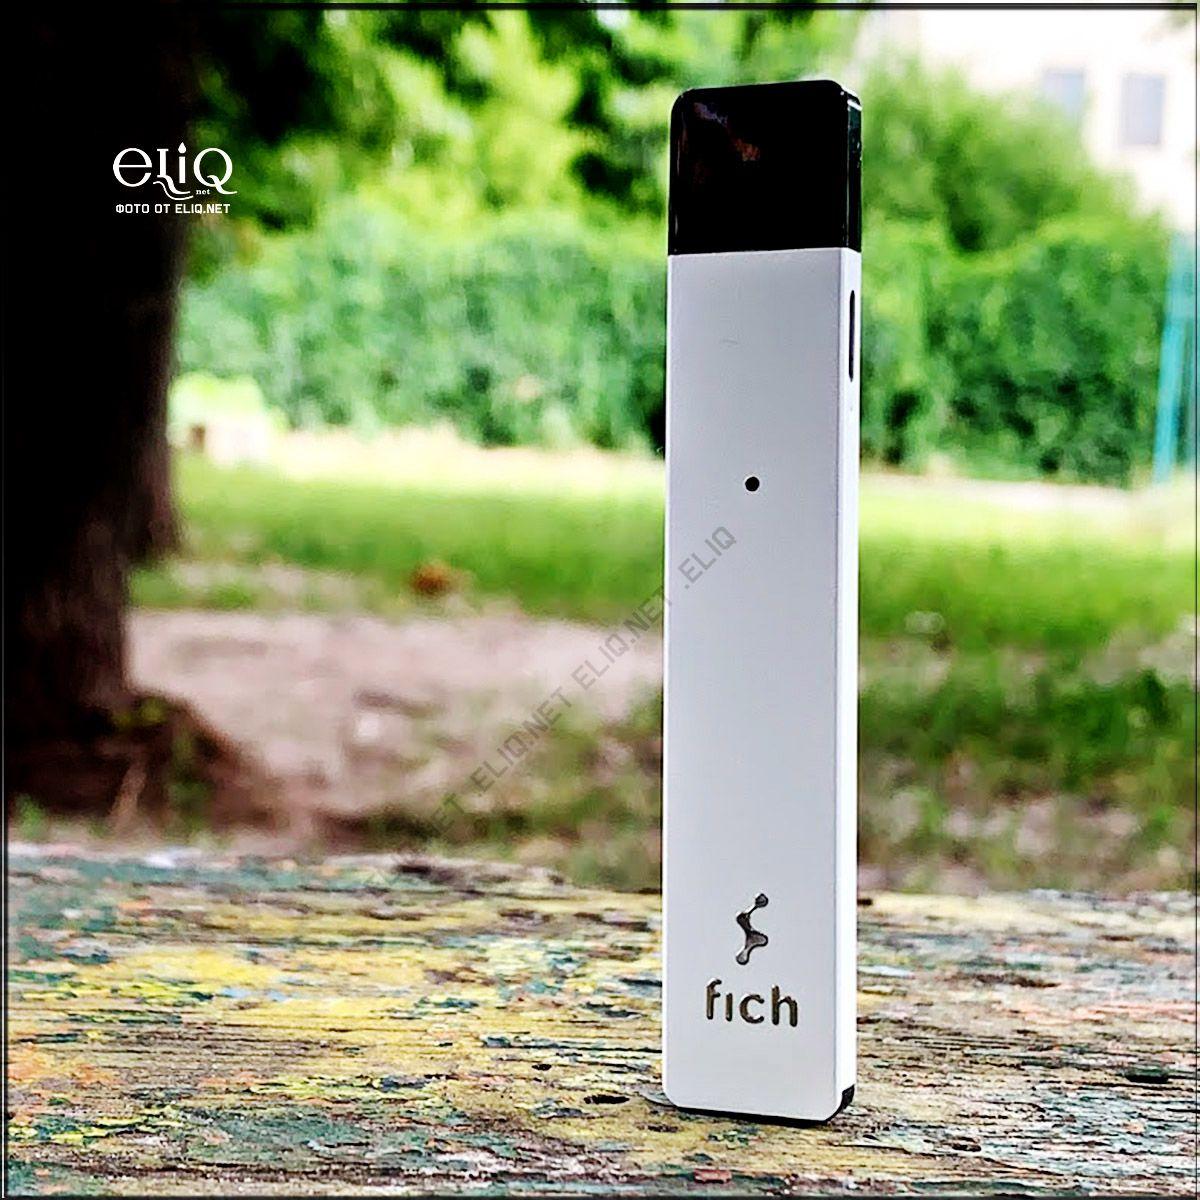 Электронная сигарета купить в ашане купить электронную сигарету в кольчугино